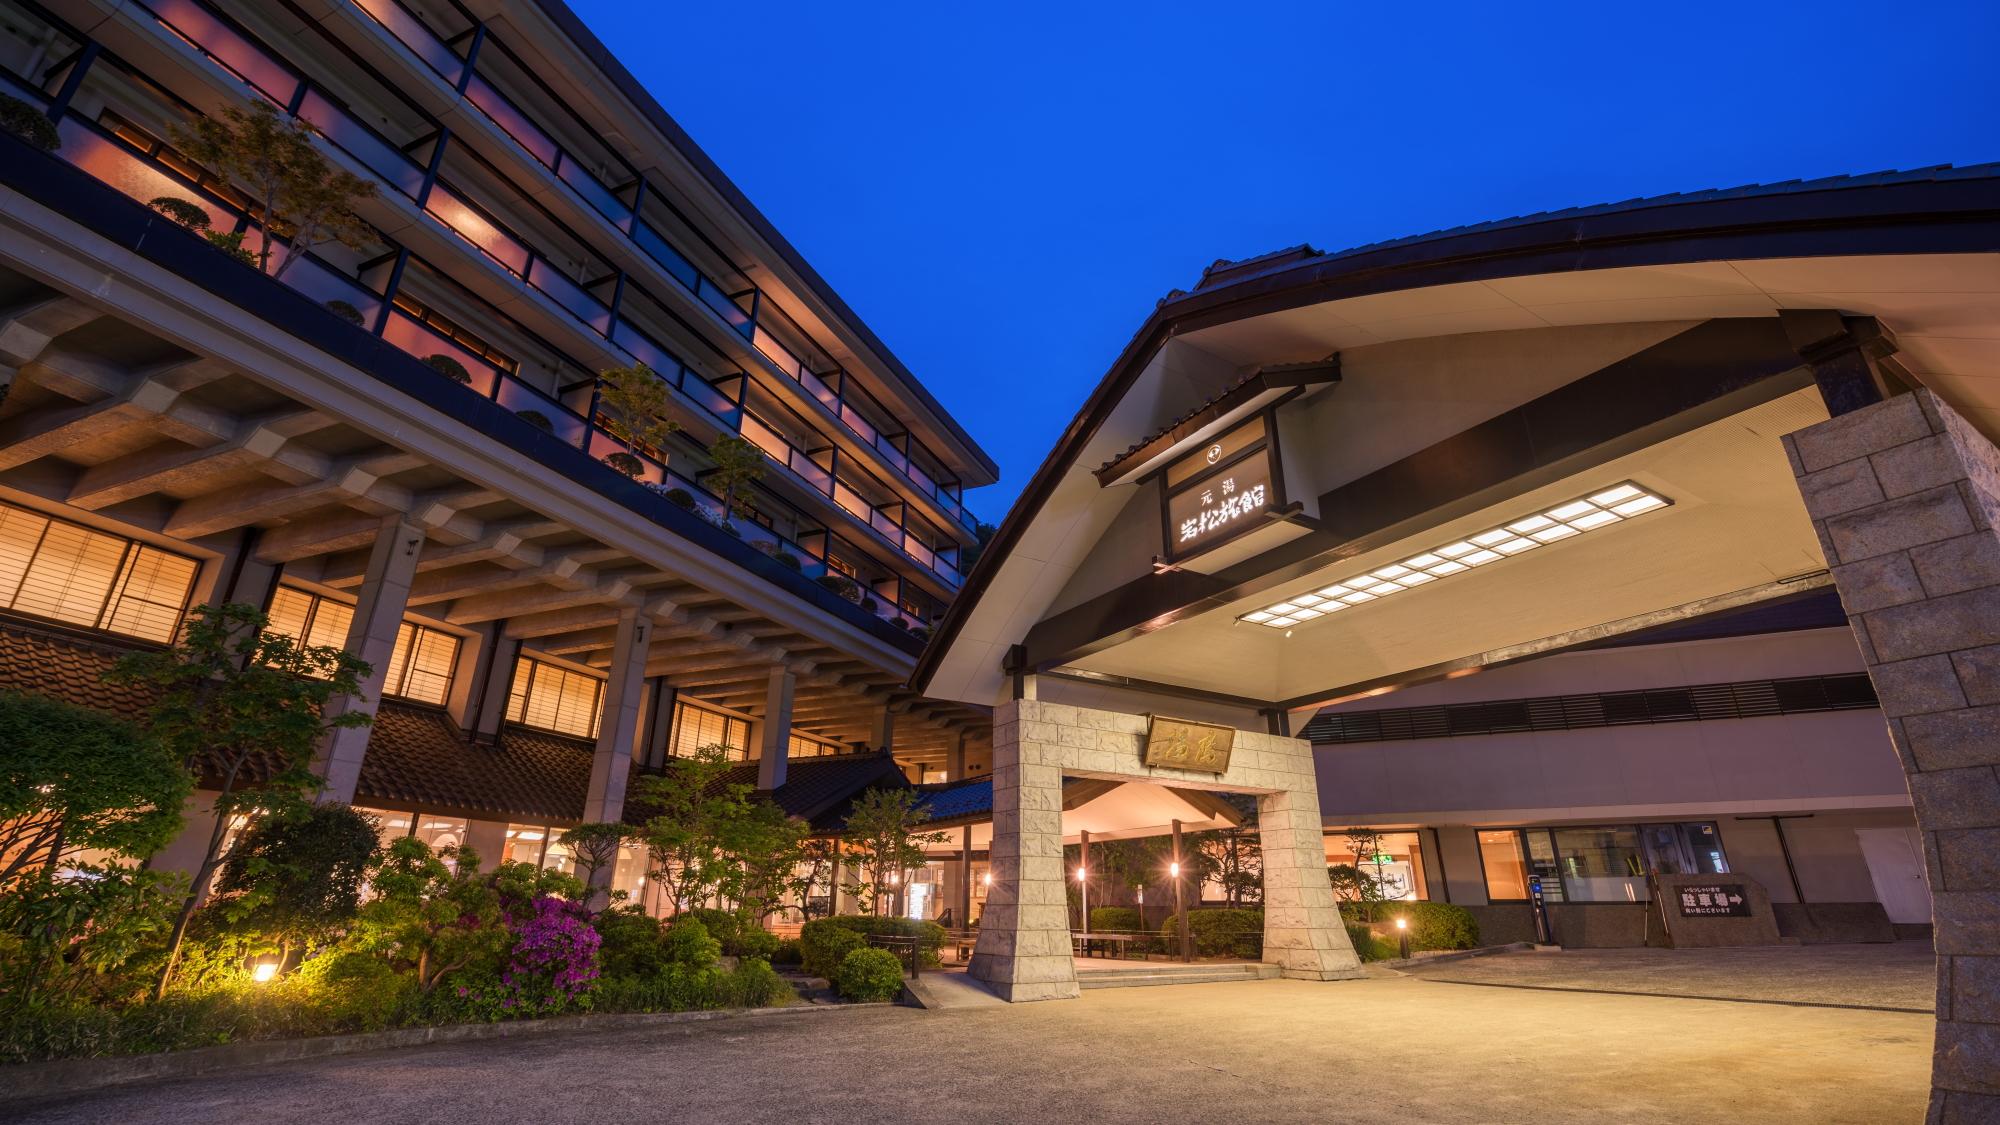 鷹泉閣 岩松旅館◆楽天トラベル